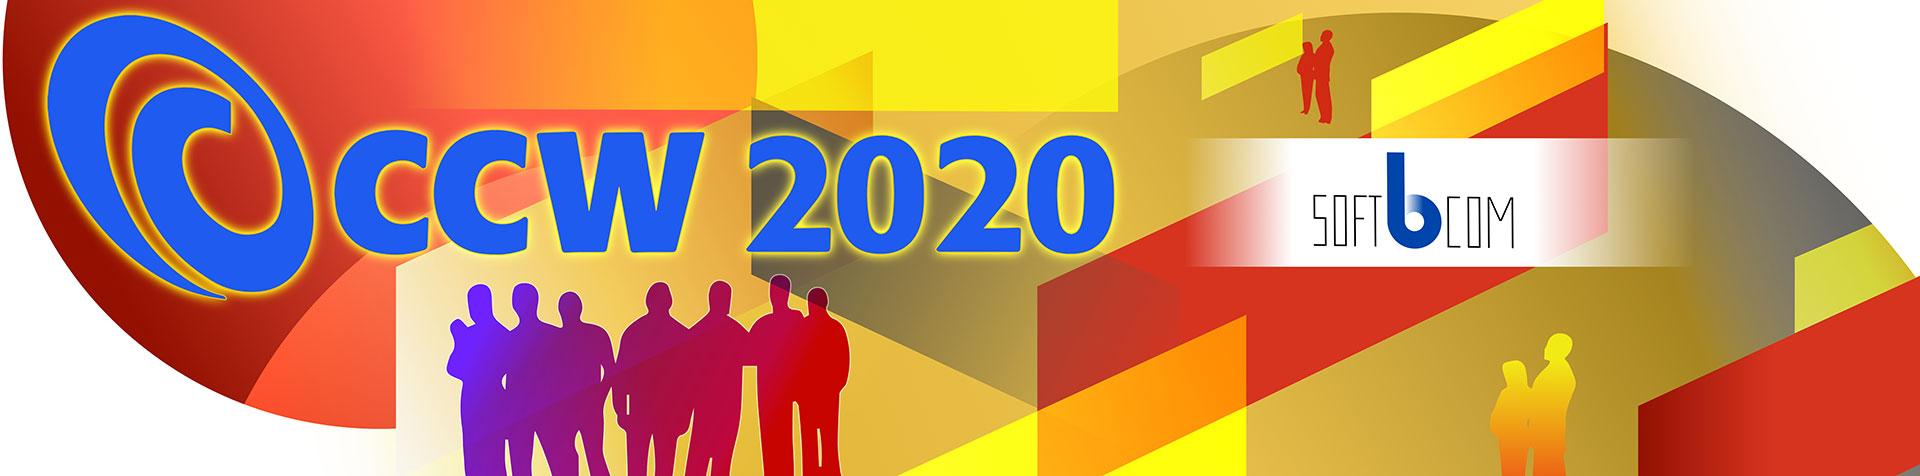 Tendenzen-in-der-Kundenbetreuung-für-2020